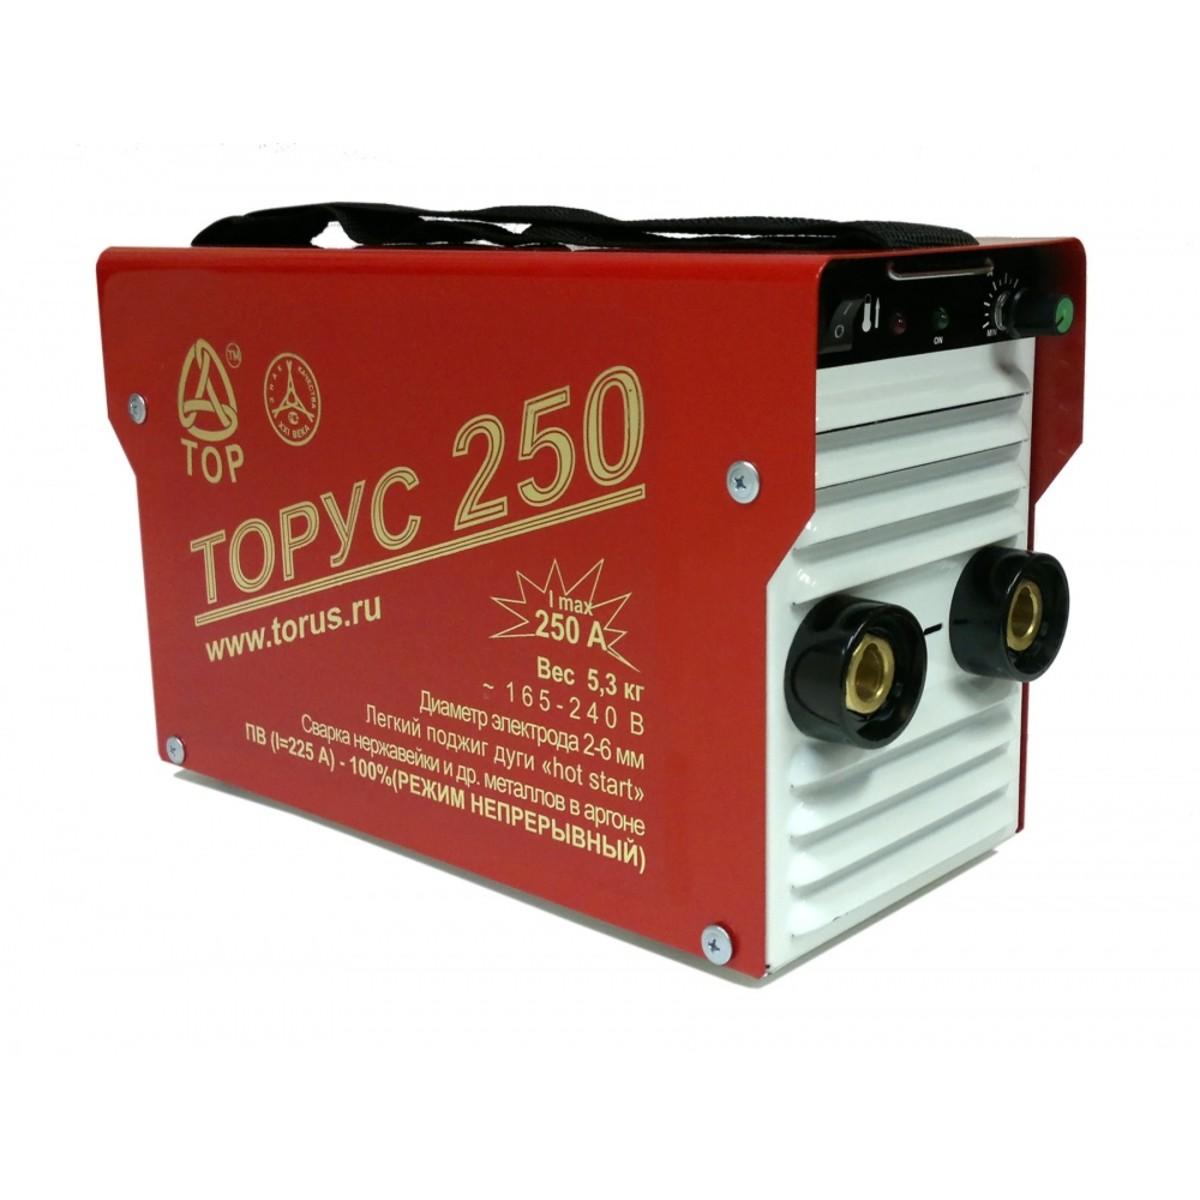 Дуговой Сварочный Инвертор Торус 250 Накс + Комплект Проводов 95566029